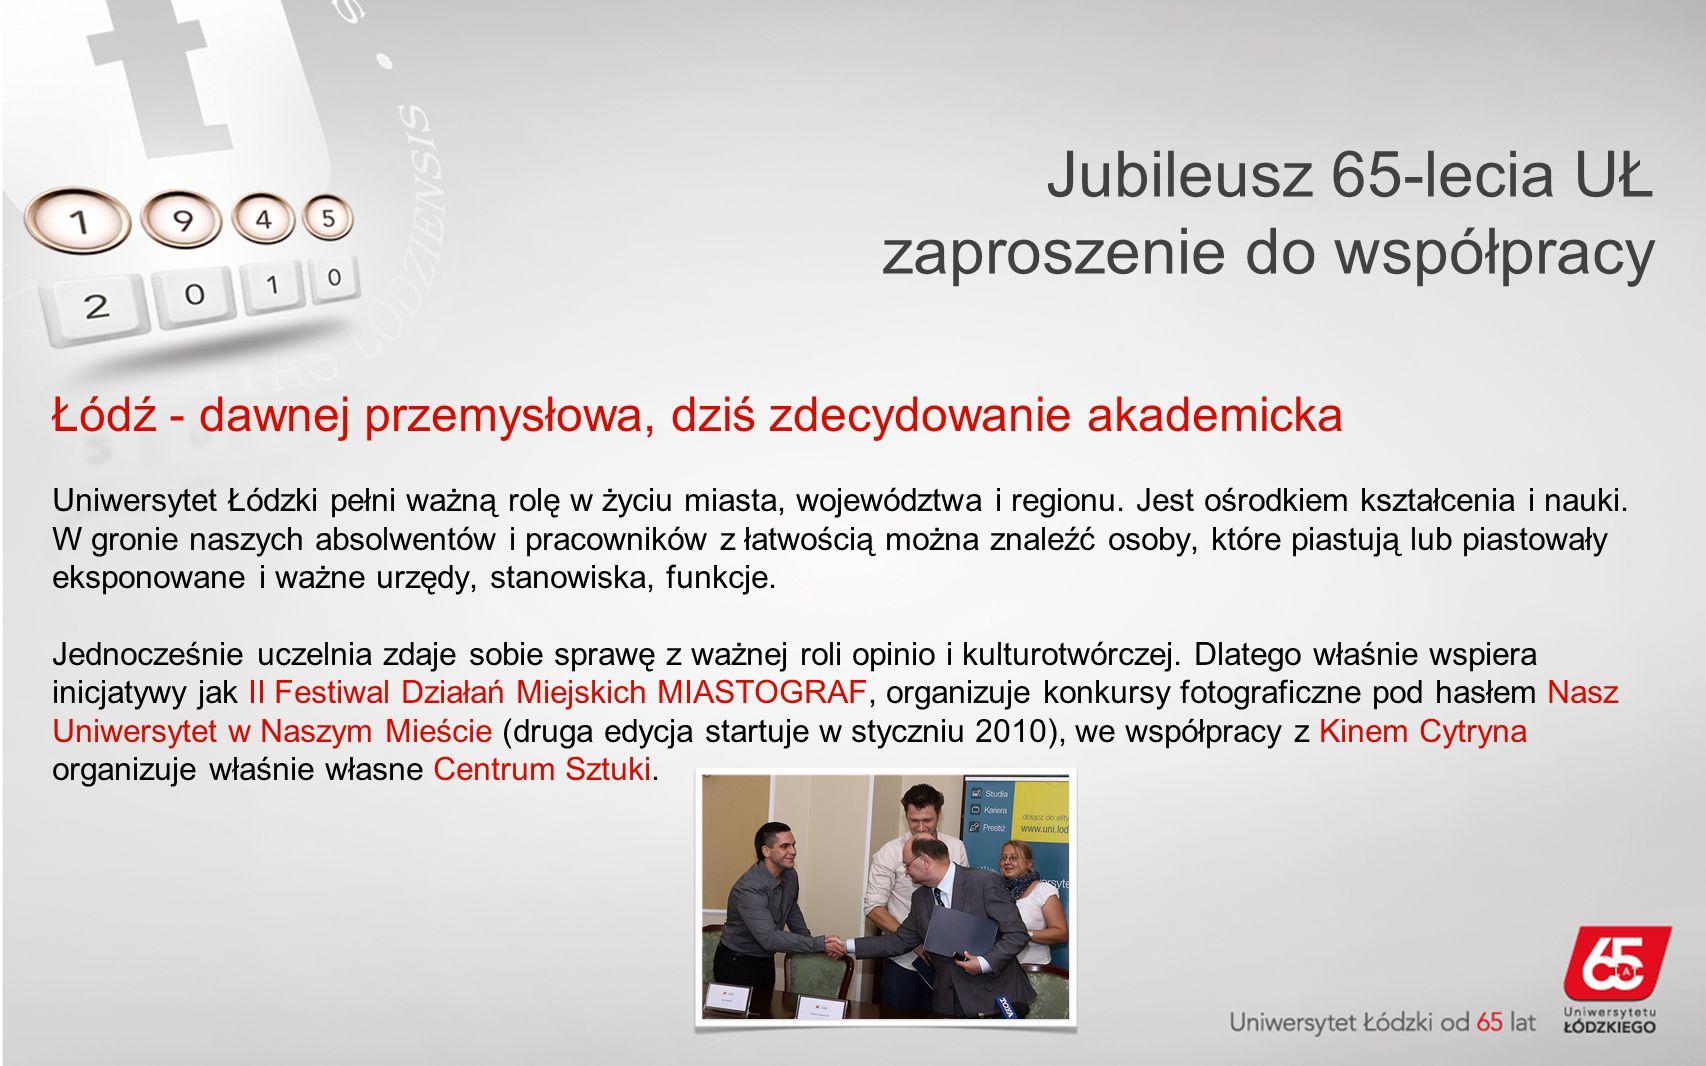 Jubileusz 65-lecia UŁ zaproszenie do współpracy Łódź - dawnej przemysłowa, dziś zdecydowanie akademicka Uniwersytet Łódzki pełni ważną rolę w życiu miasta, województwa i regionu.